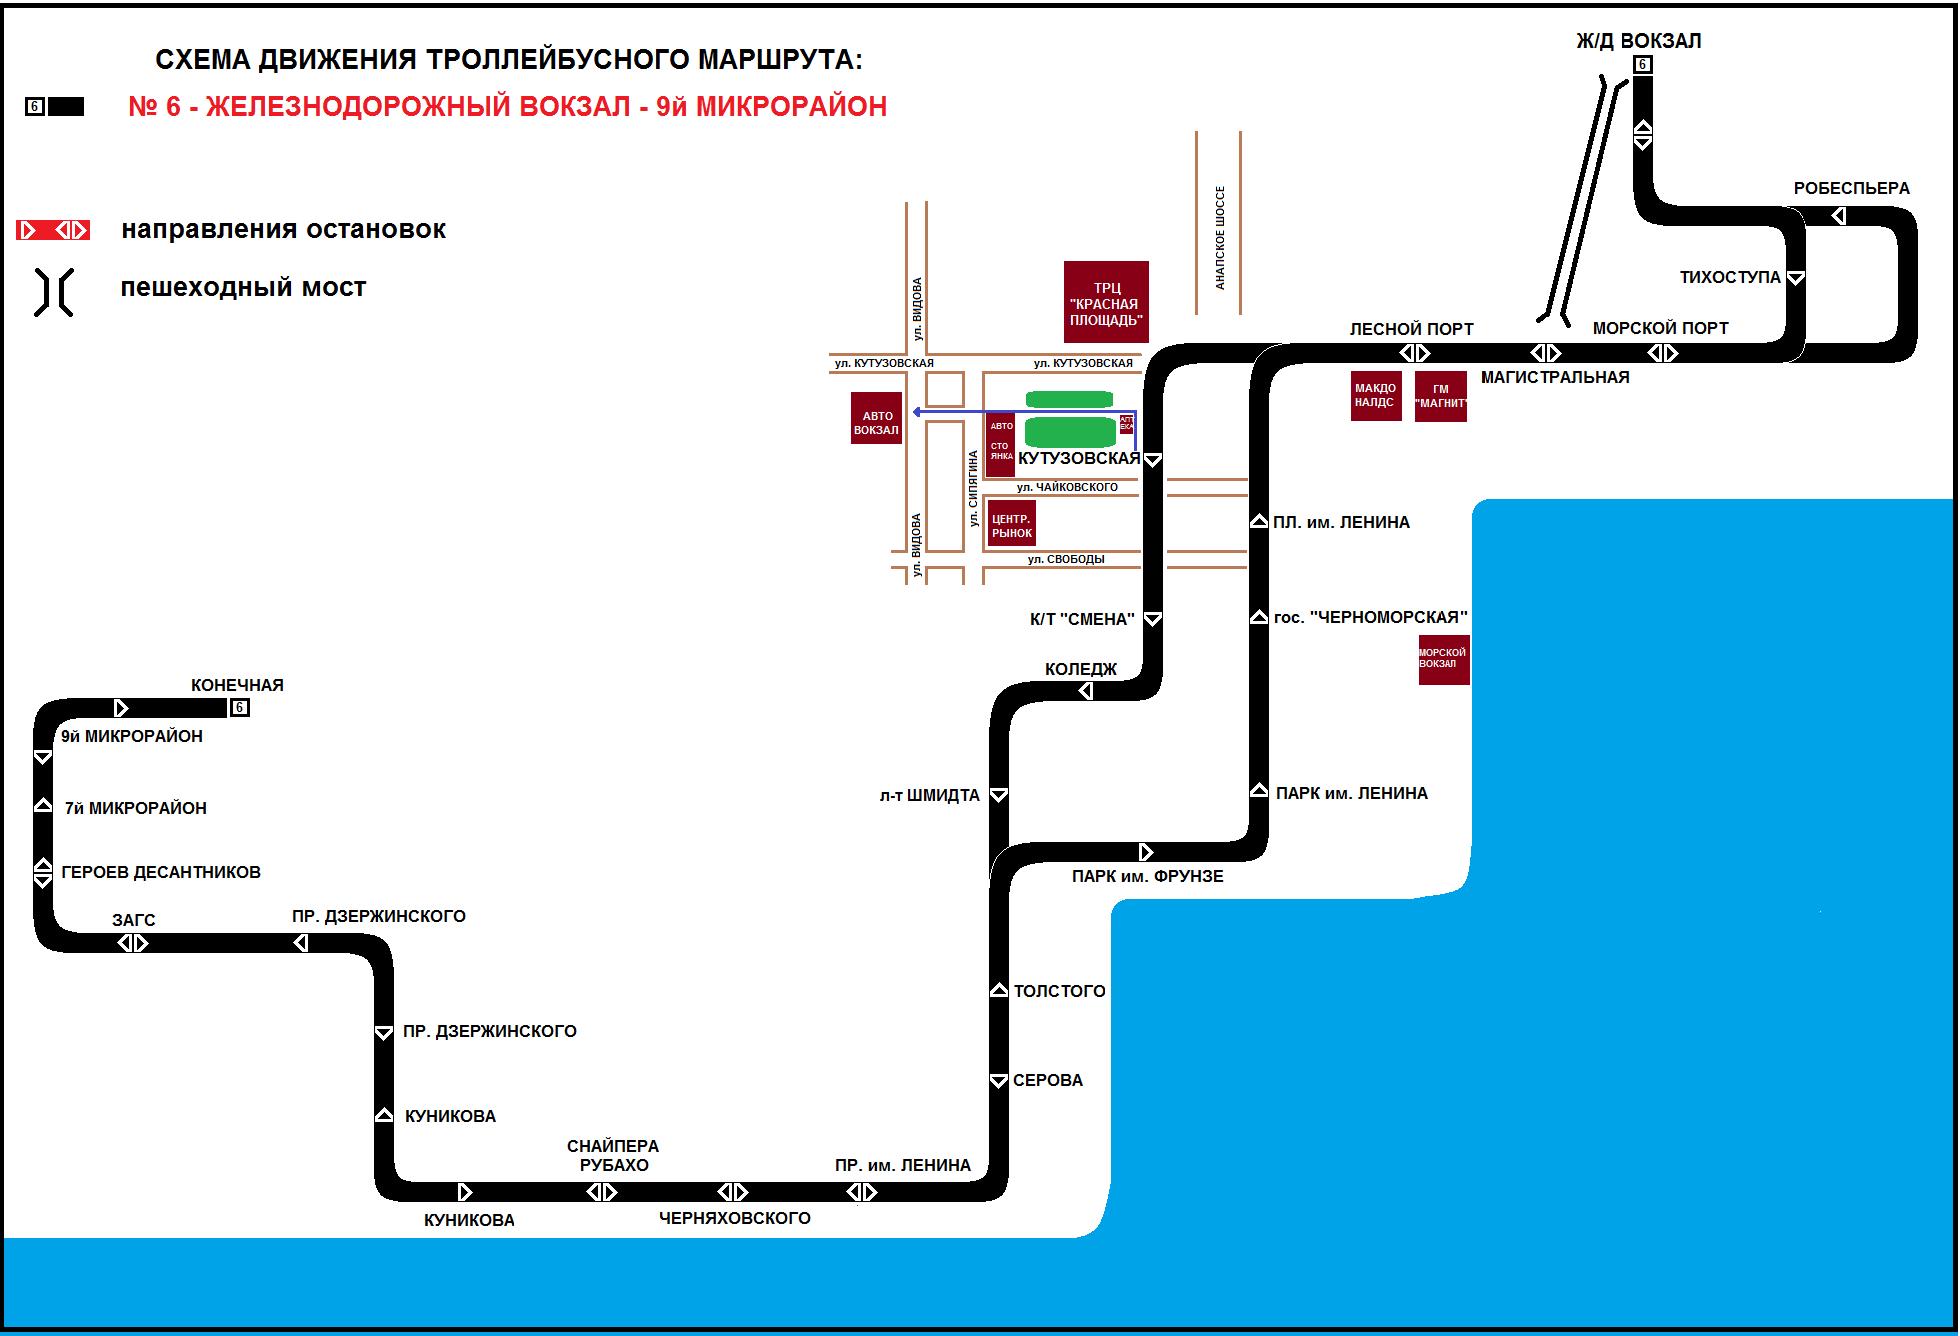 Схема движение городского транспорта новороссийска